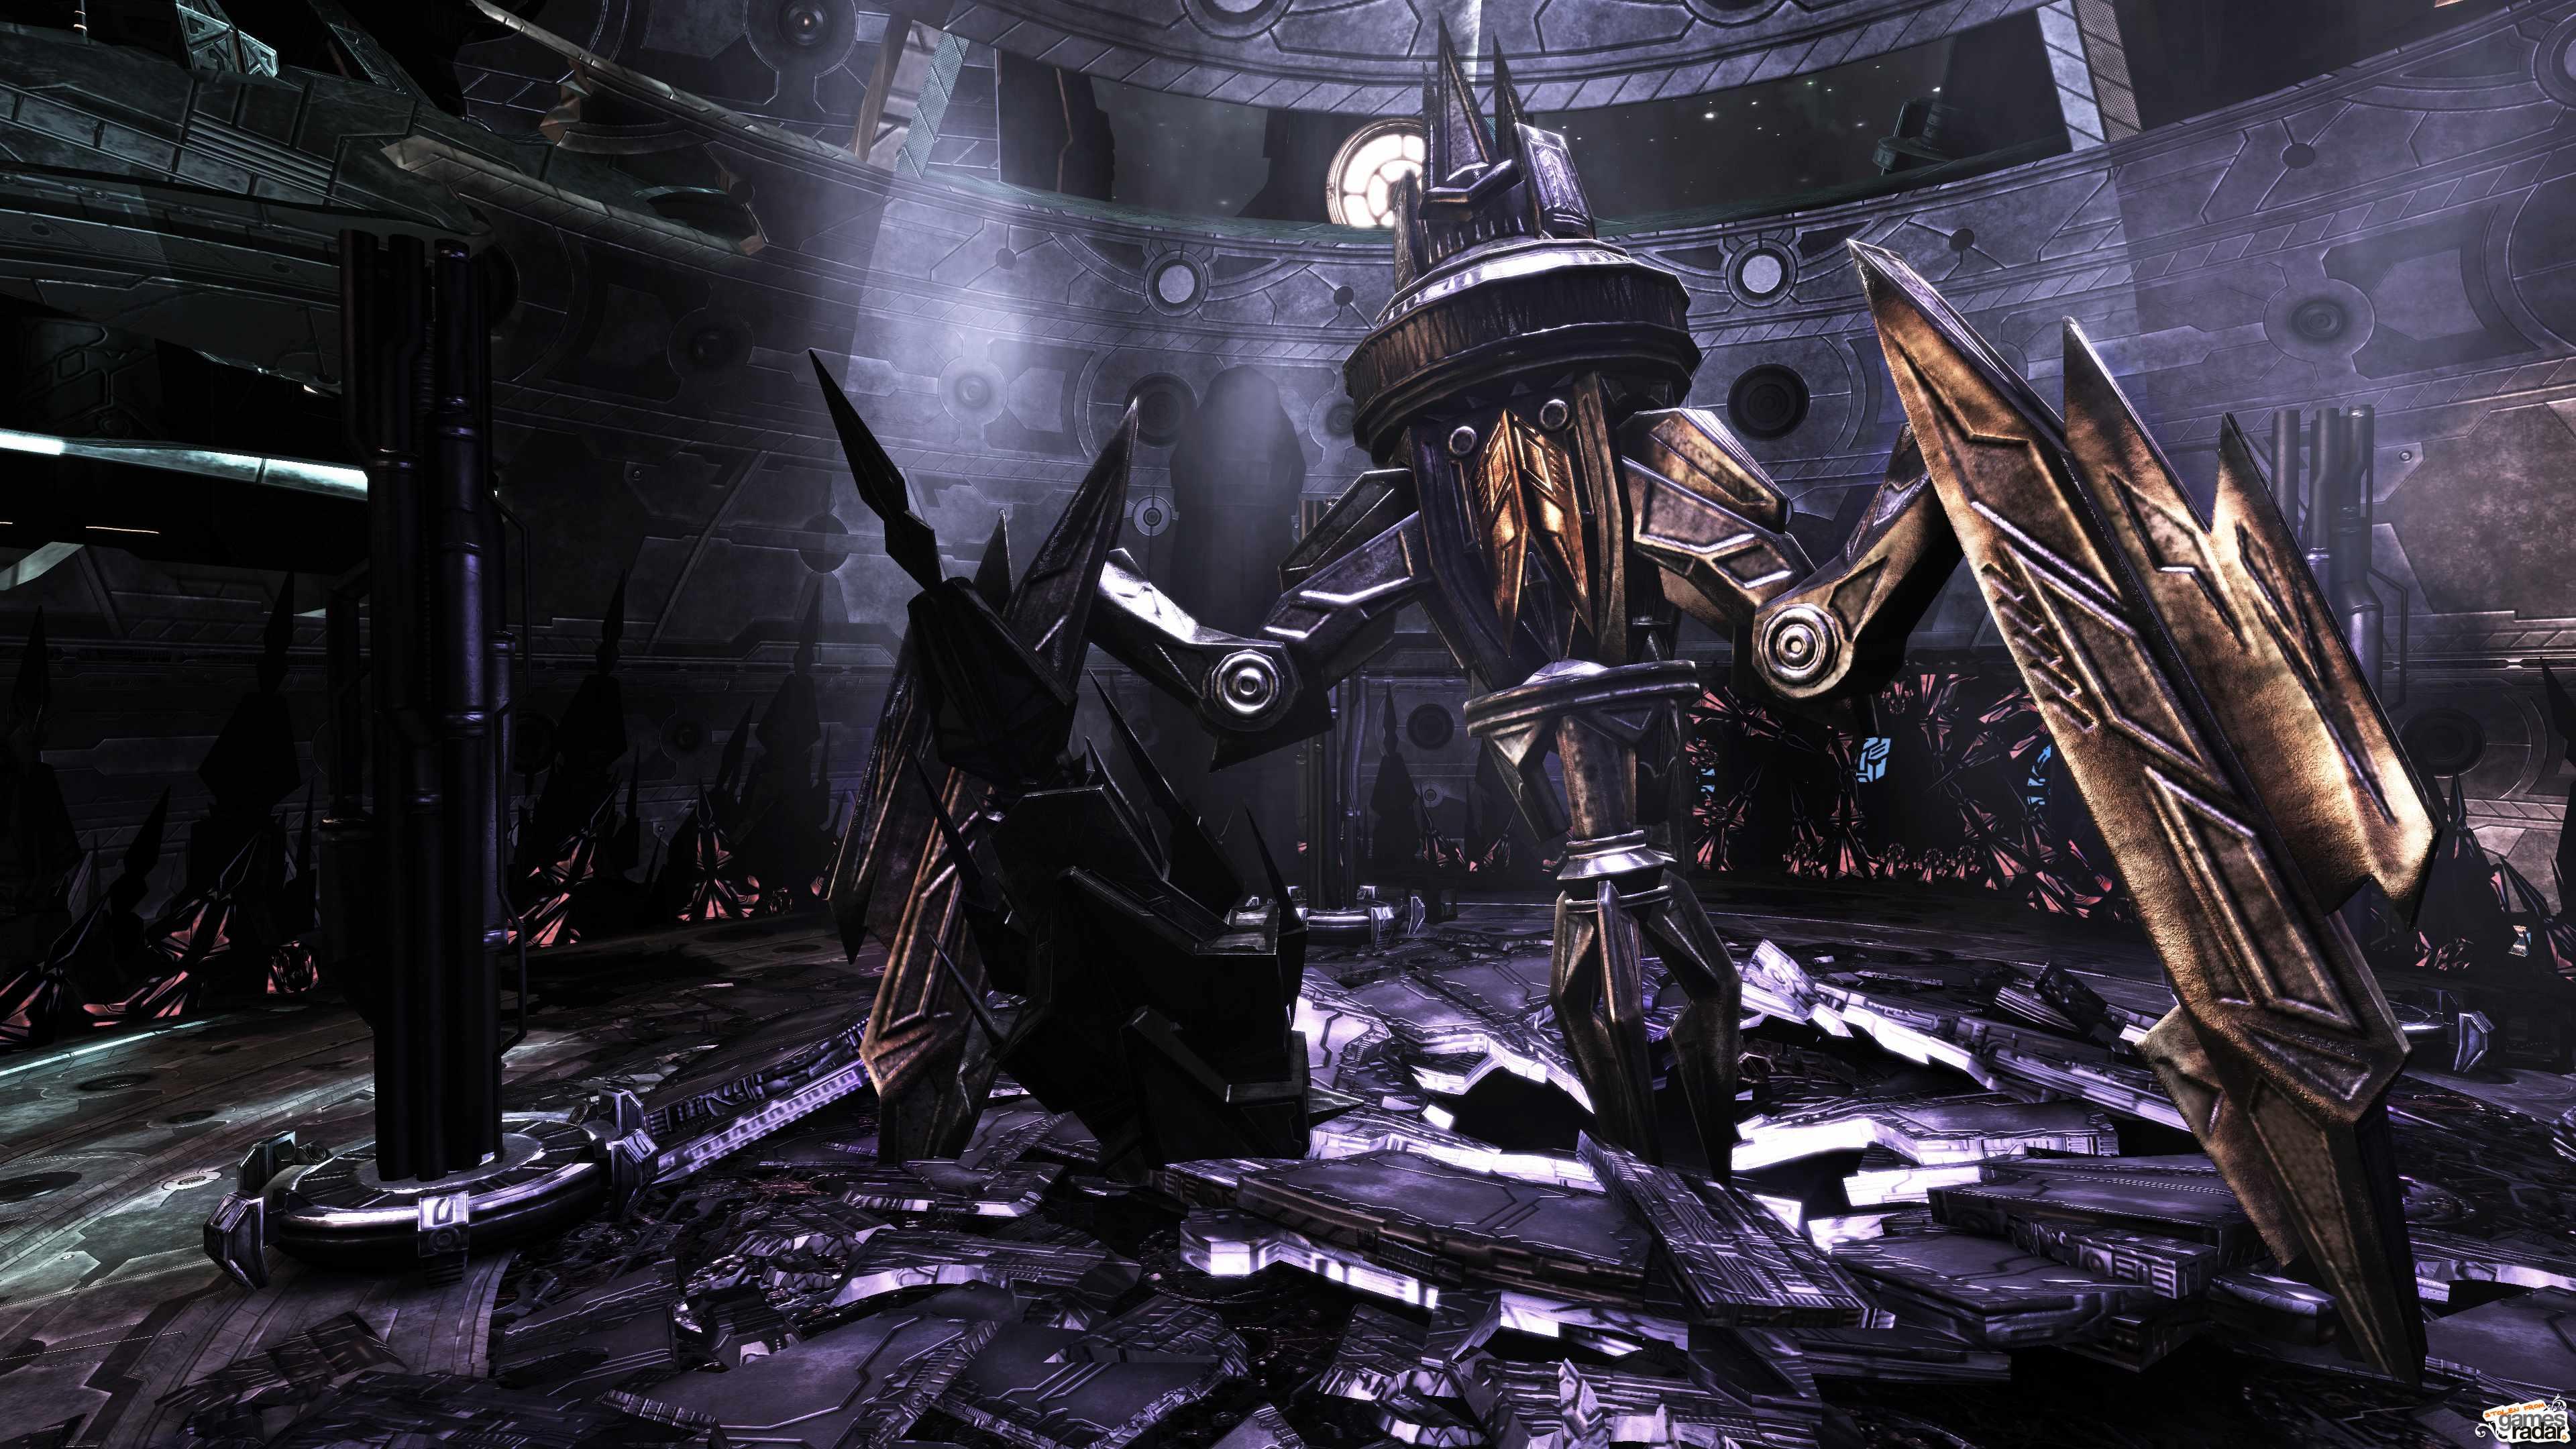 Decepticon War Machine